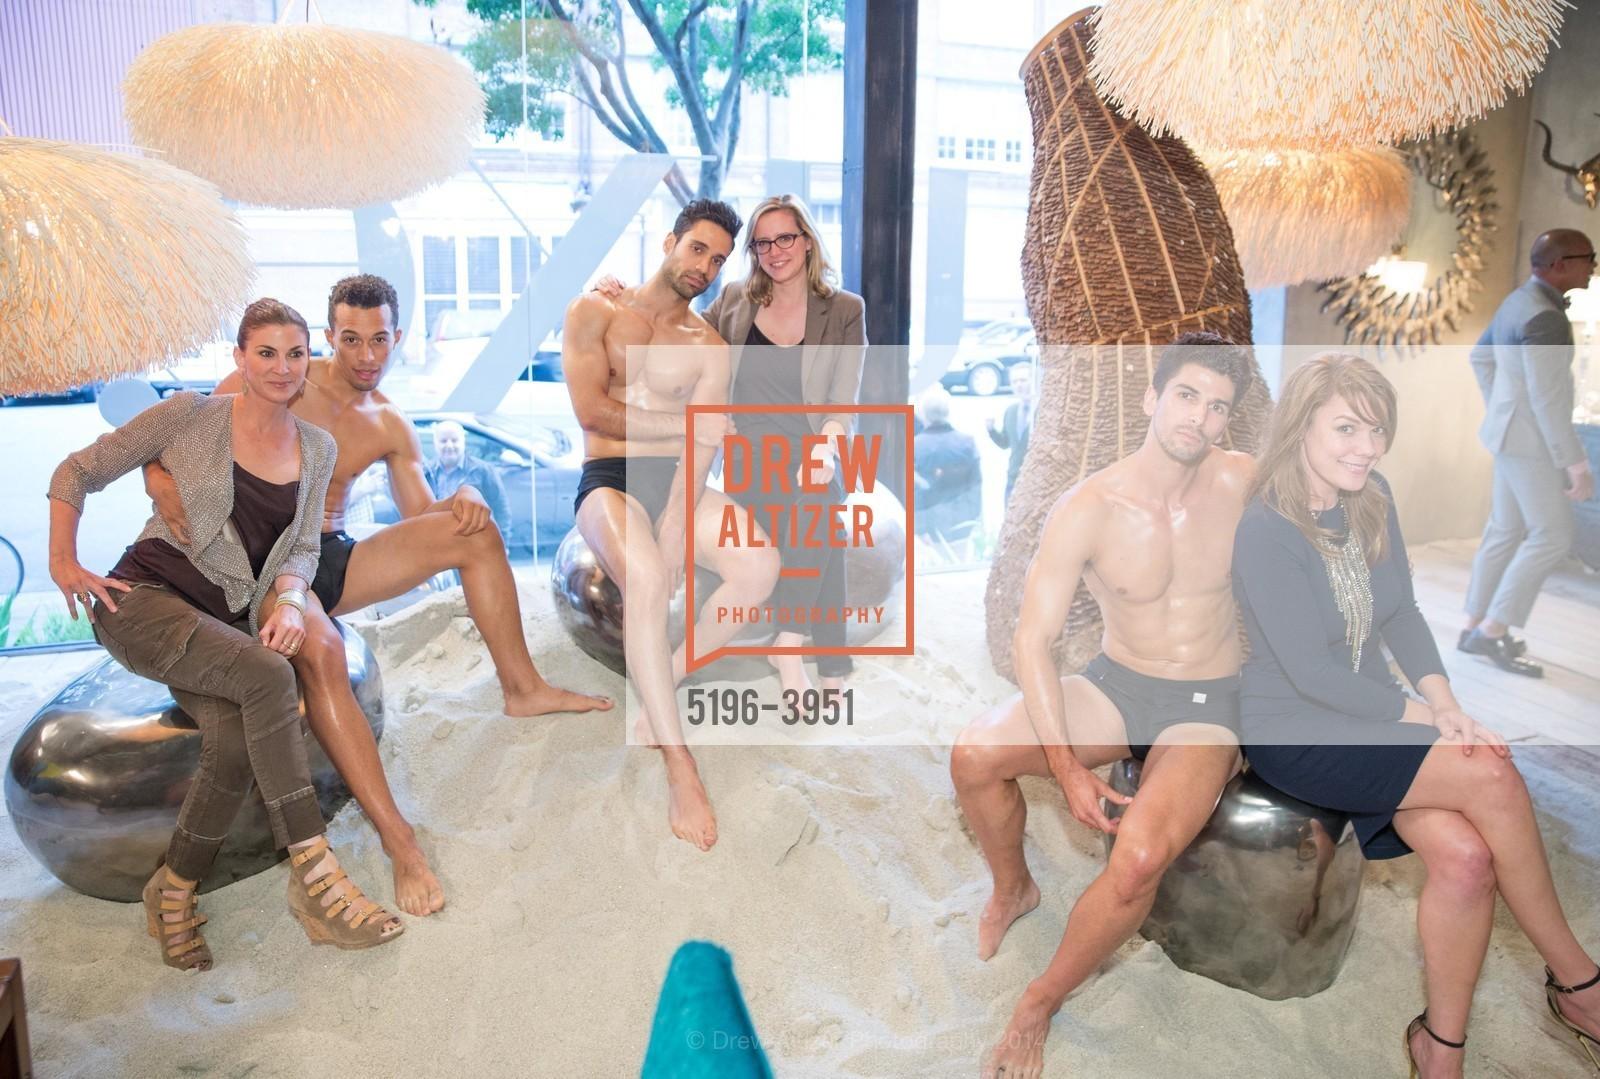 Jenny Boyle, Lindsay Chambers, Tiffany Emerson, Photo #5196-3951